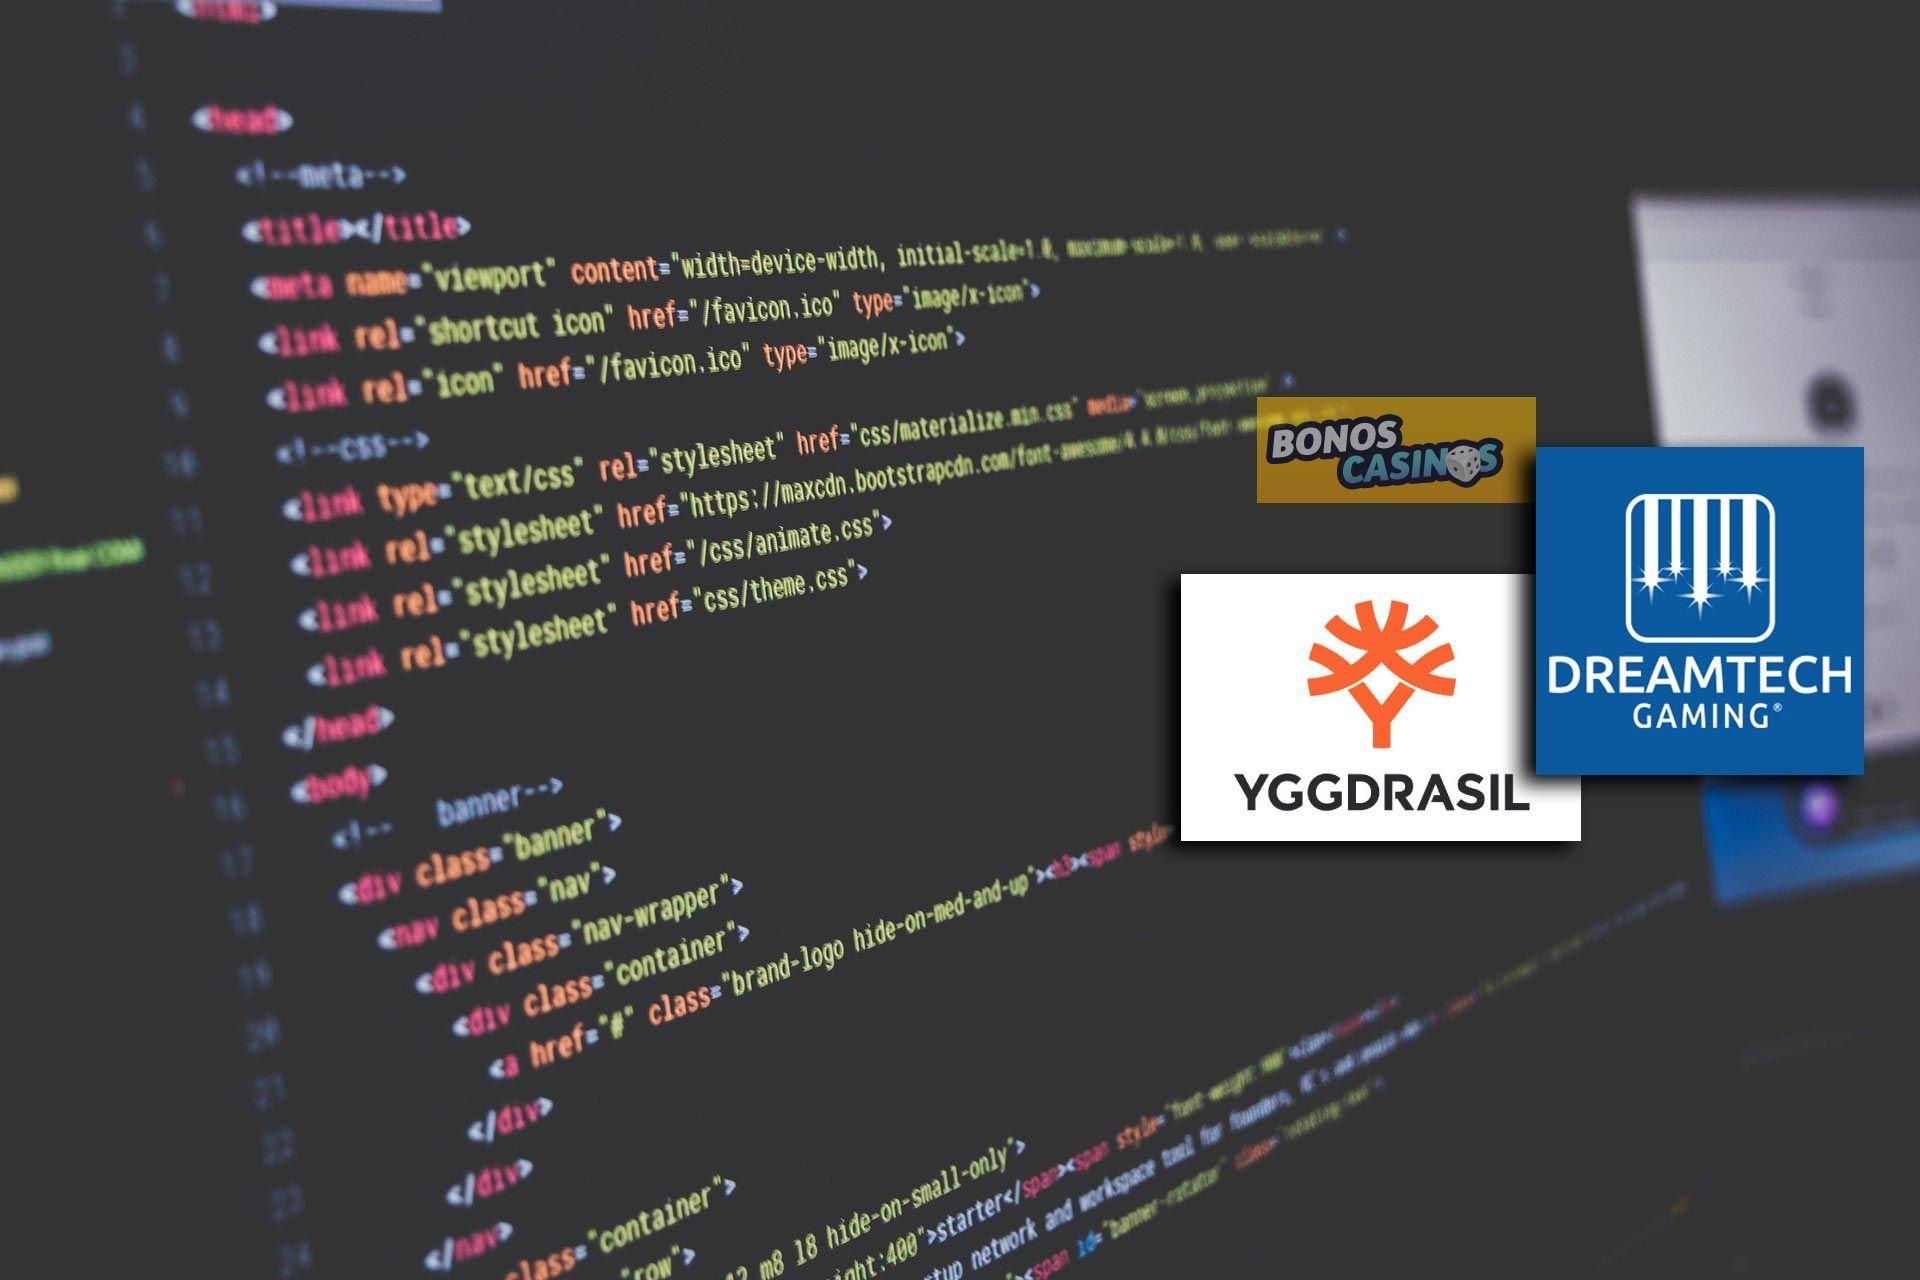 logo de DreamTech Gaming apuesta fuerte por la tecnología de Yggdrasil